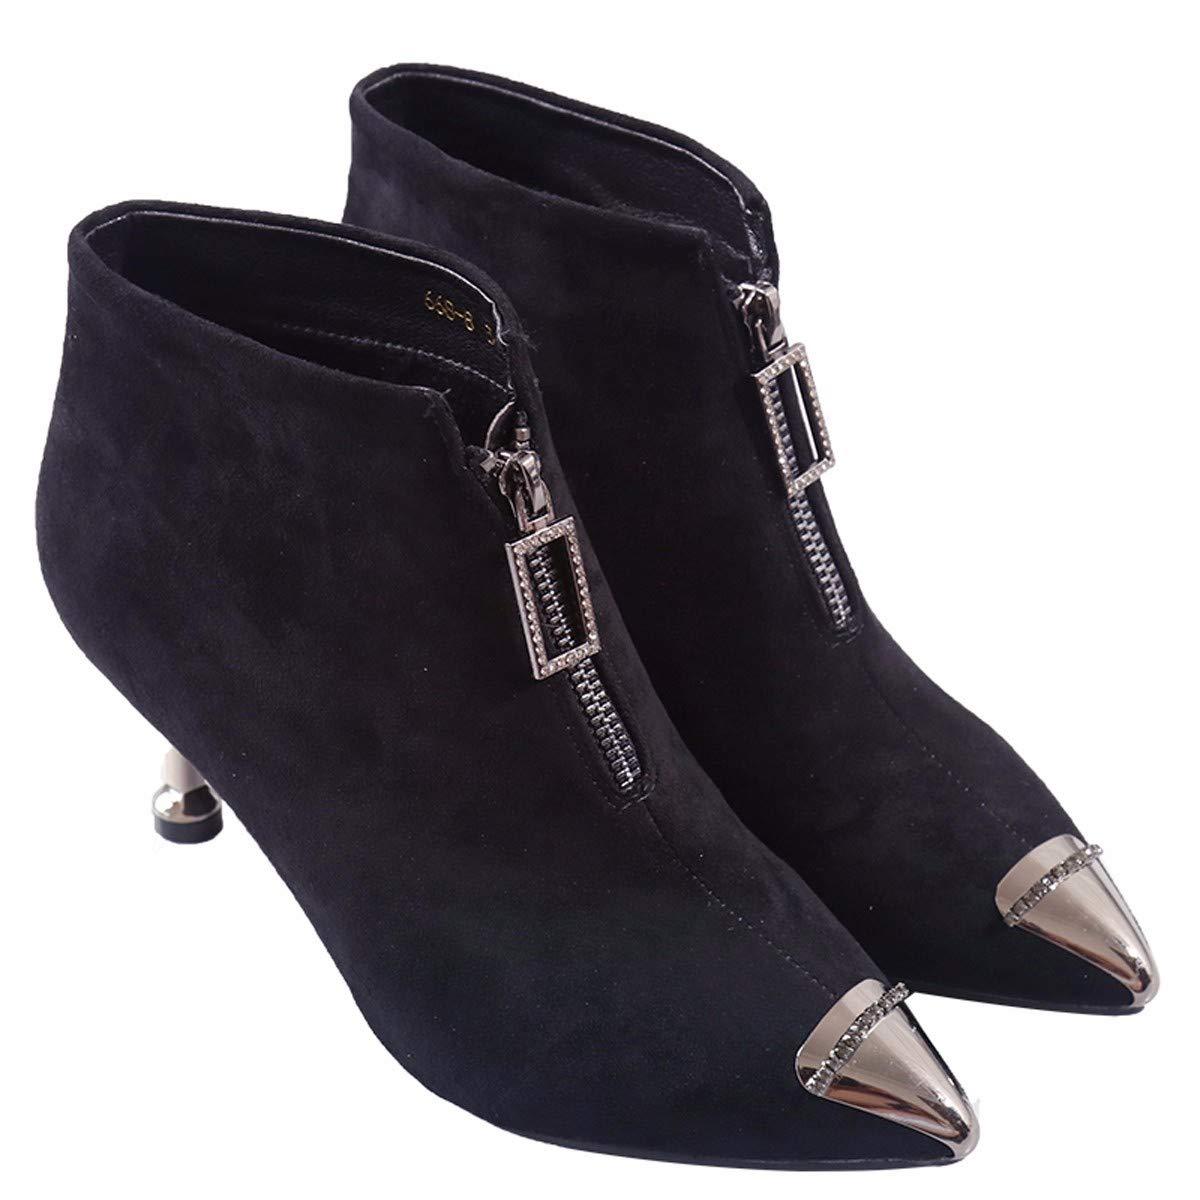 LBTSQ-Mode/Damenschuhe/Im Winter Ist Das Kurze Stiefel Sind 6 cm Hoch Samt Dünn Sharp - Reißverschluss Katze Ferse Ma Dingxue.